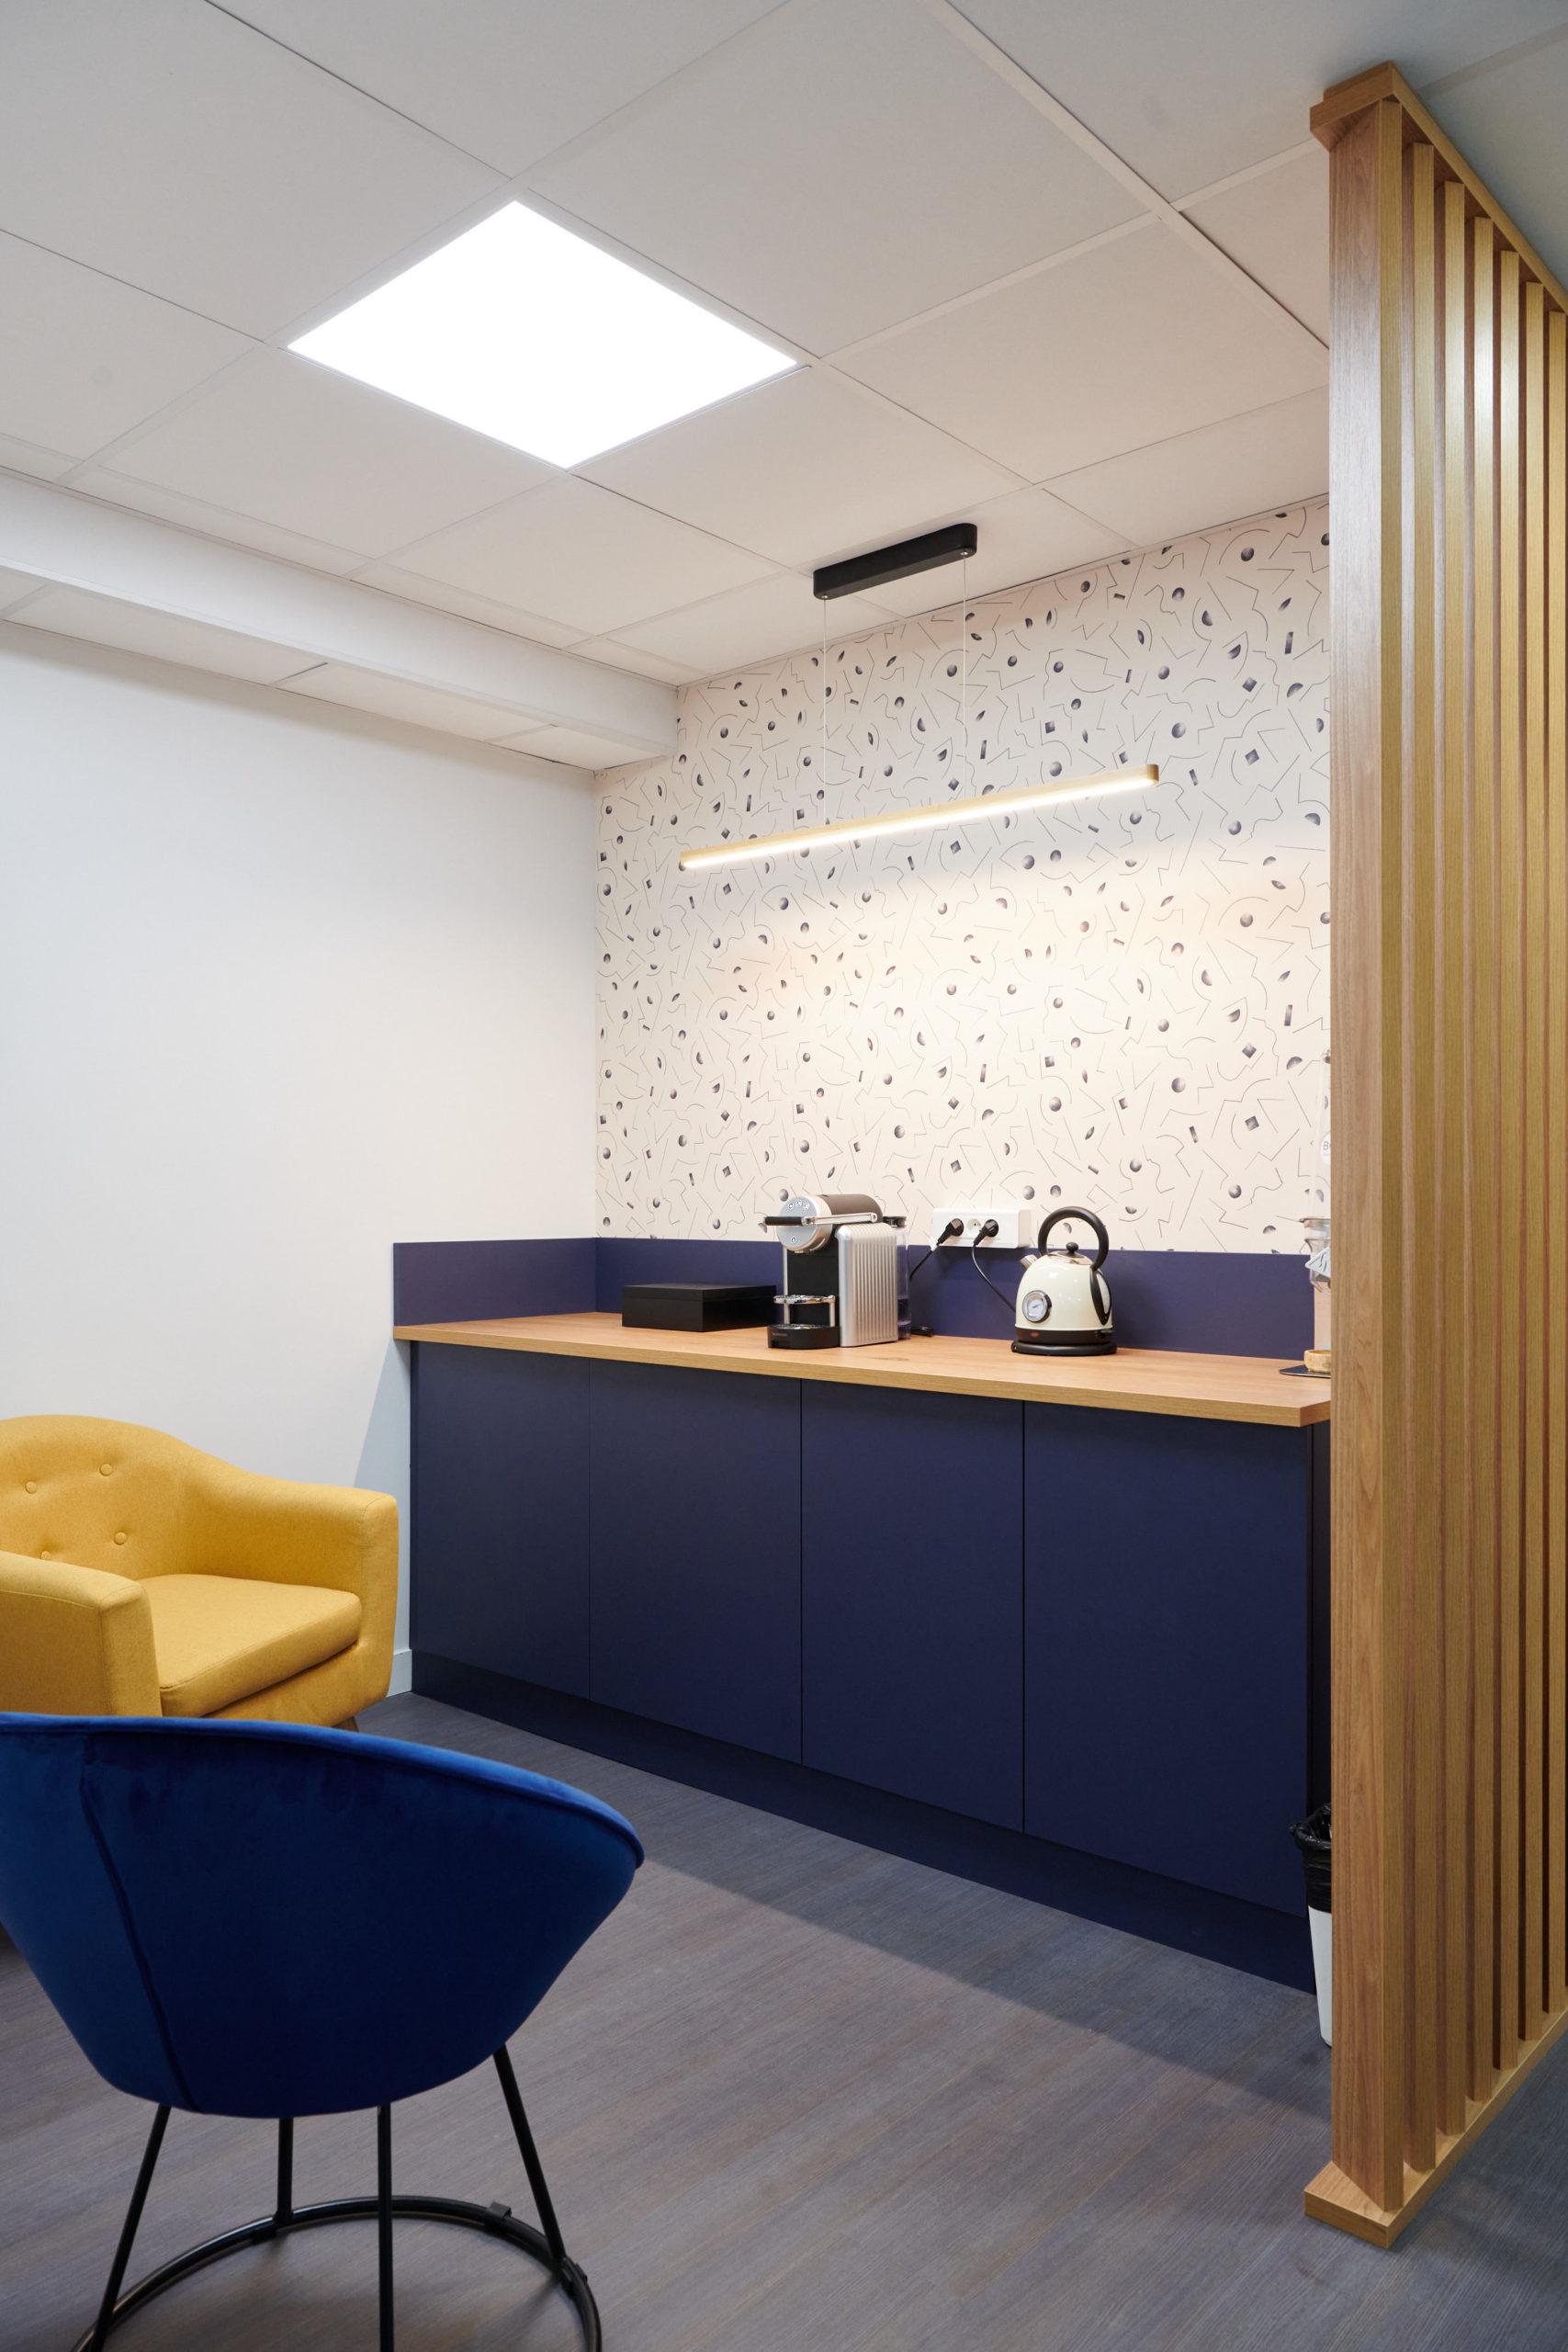 Hoya-espace détente-fauteuil-claustra-coin cuisine